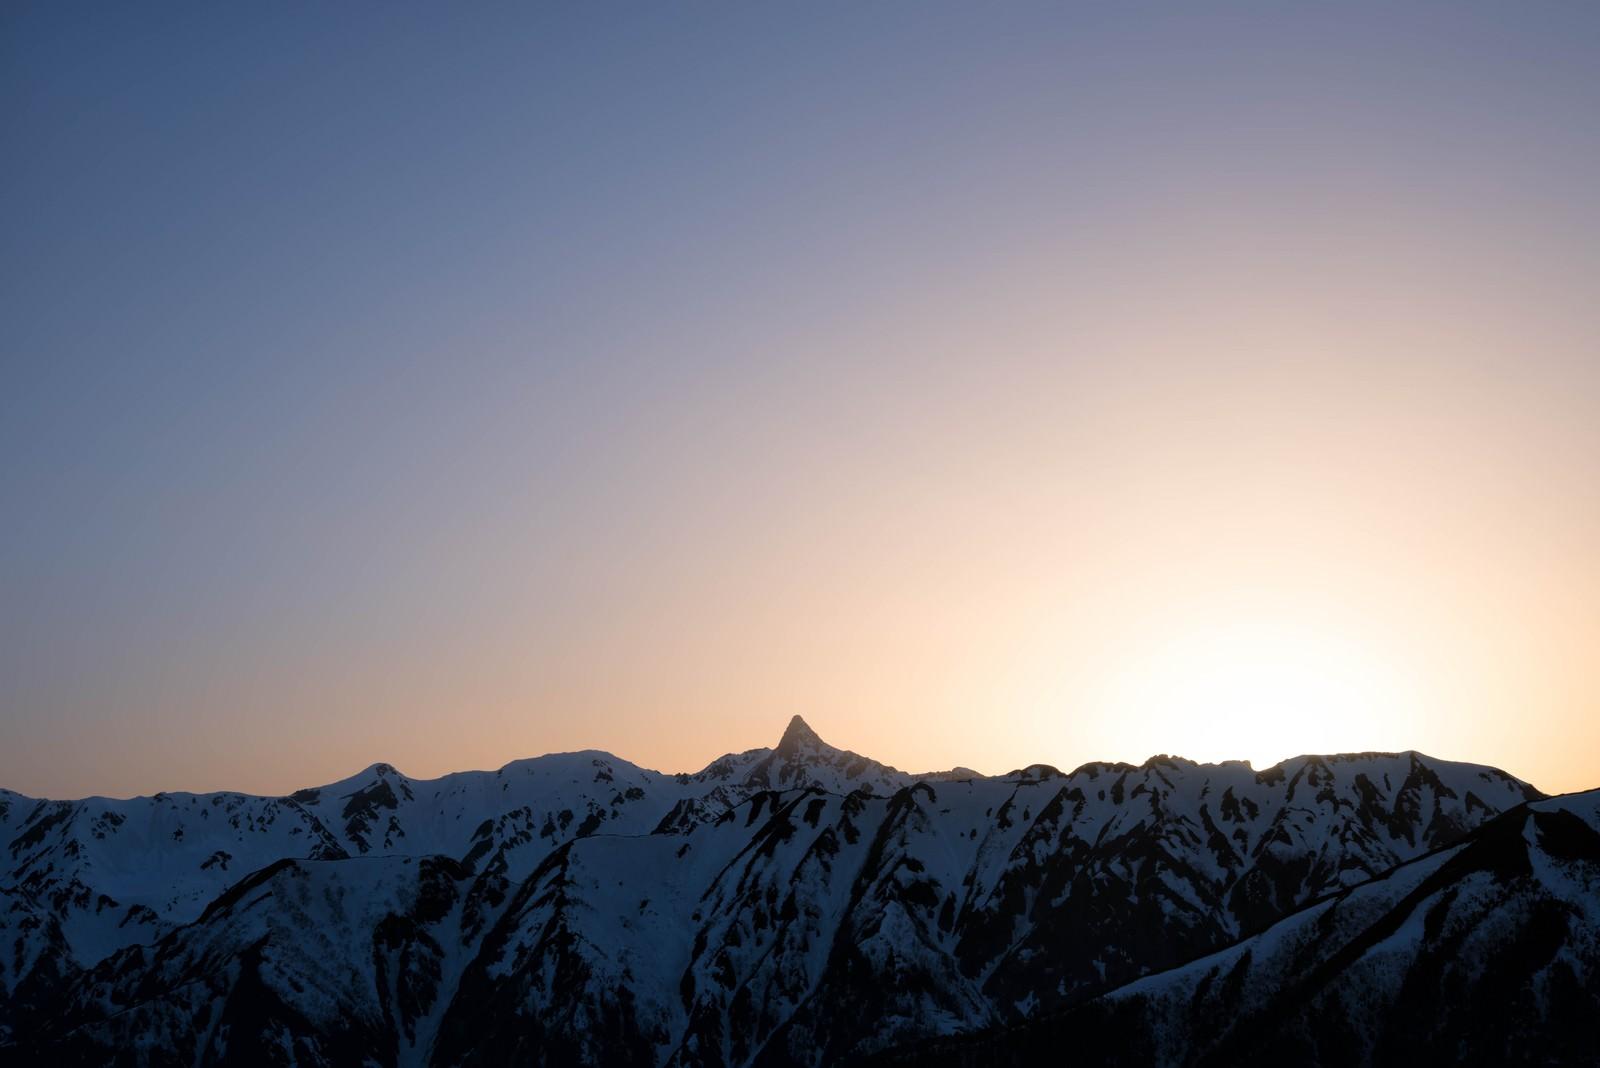 「特徴的な槍ヶ岳の穂先と朝焼け」の写真